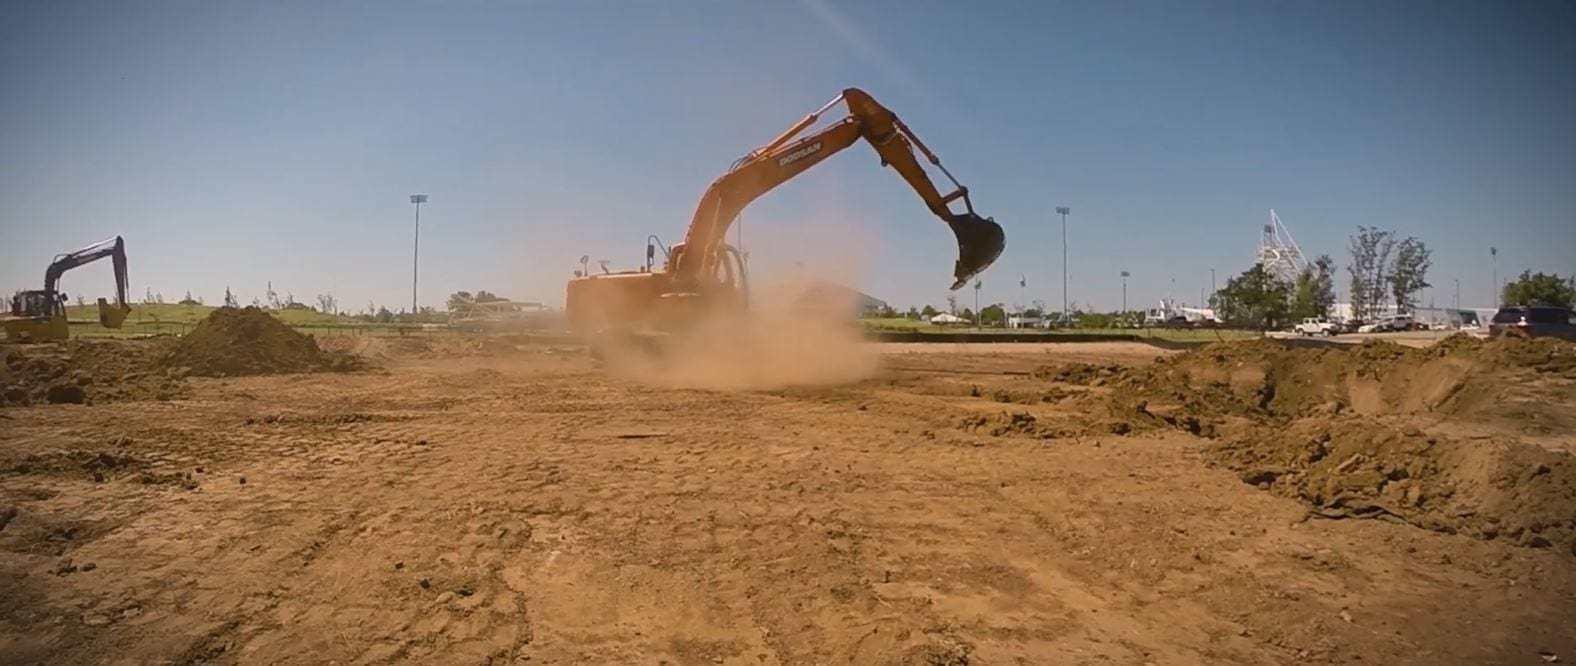 Pump Track Oklahoma